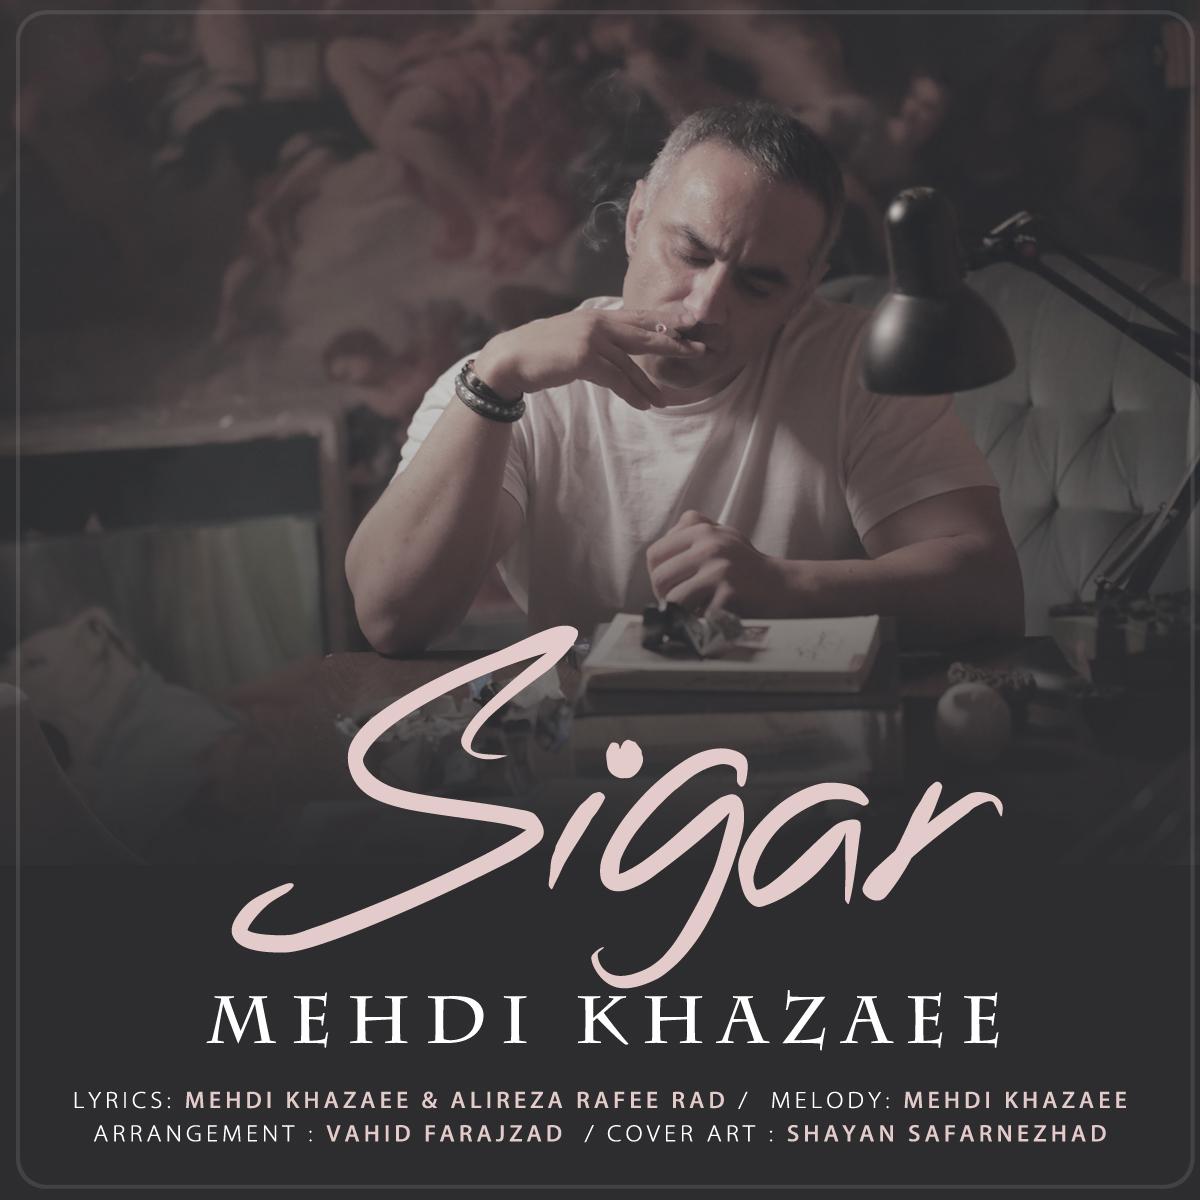 Mehdi Khazaee – Sigar